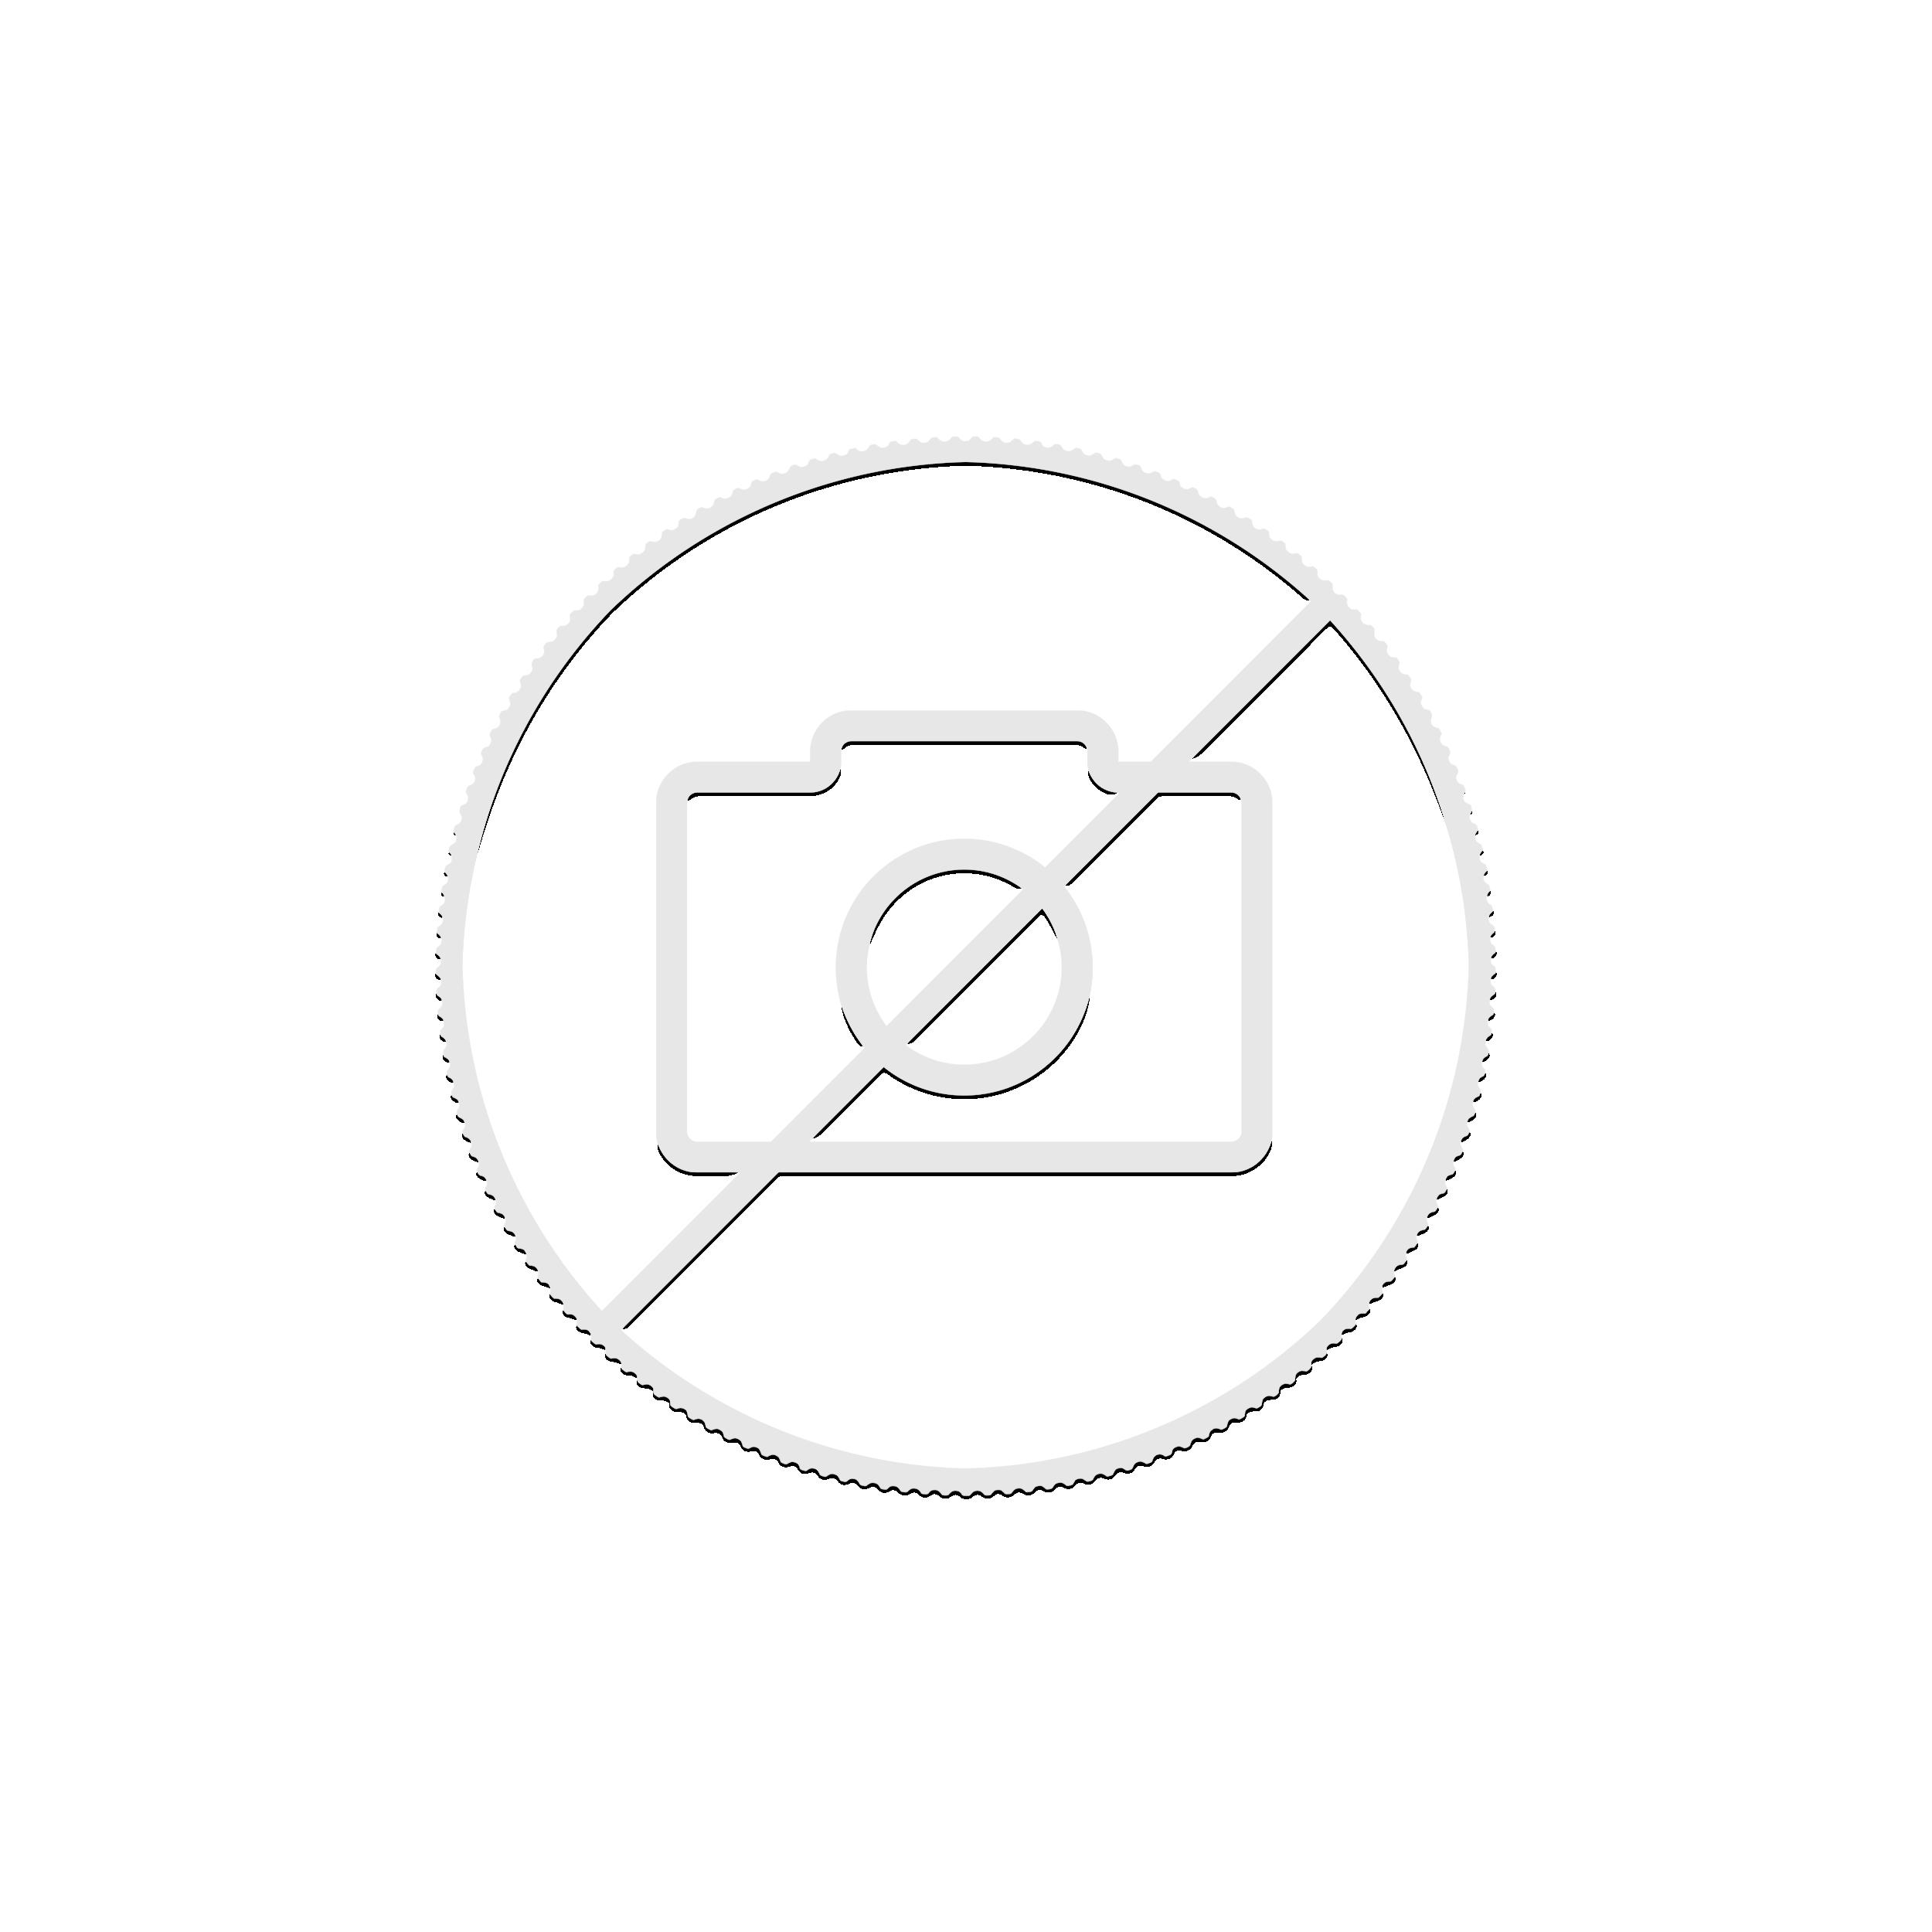 10 Troy ounce zilveren munt Kookaburra 2013